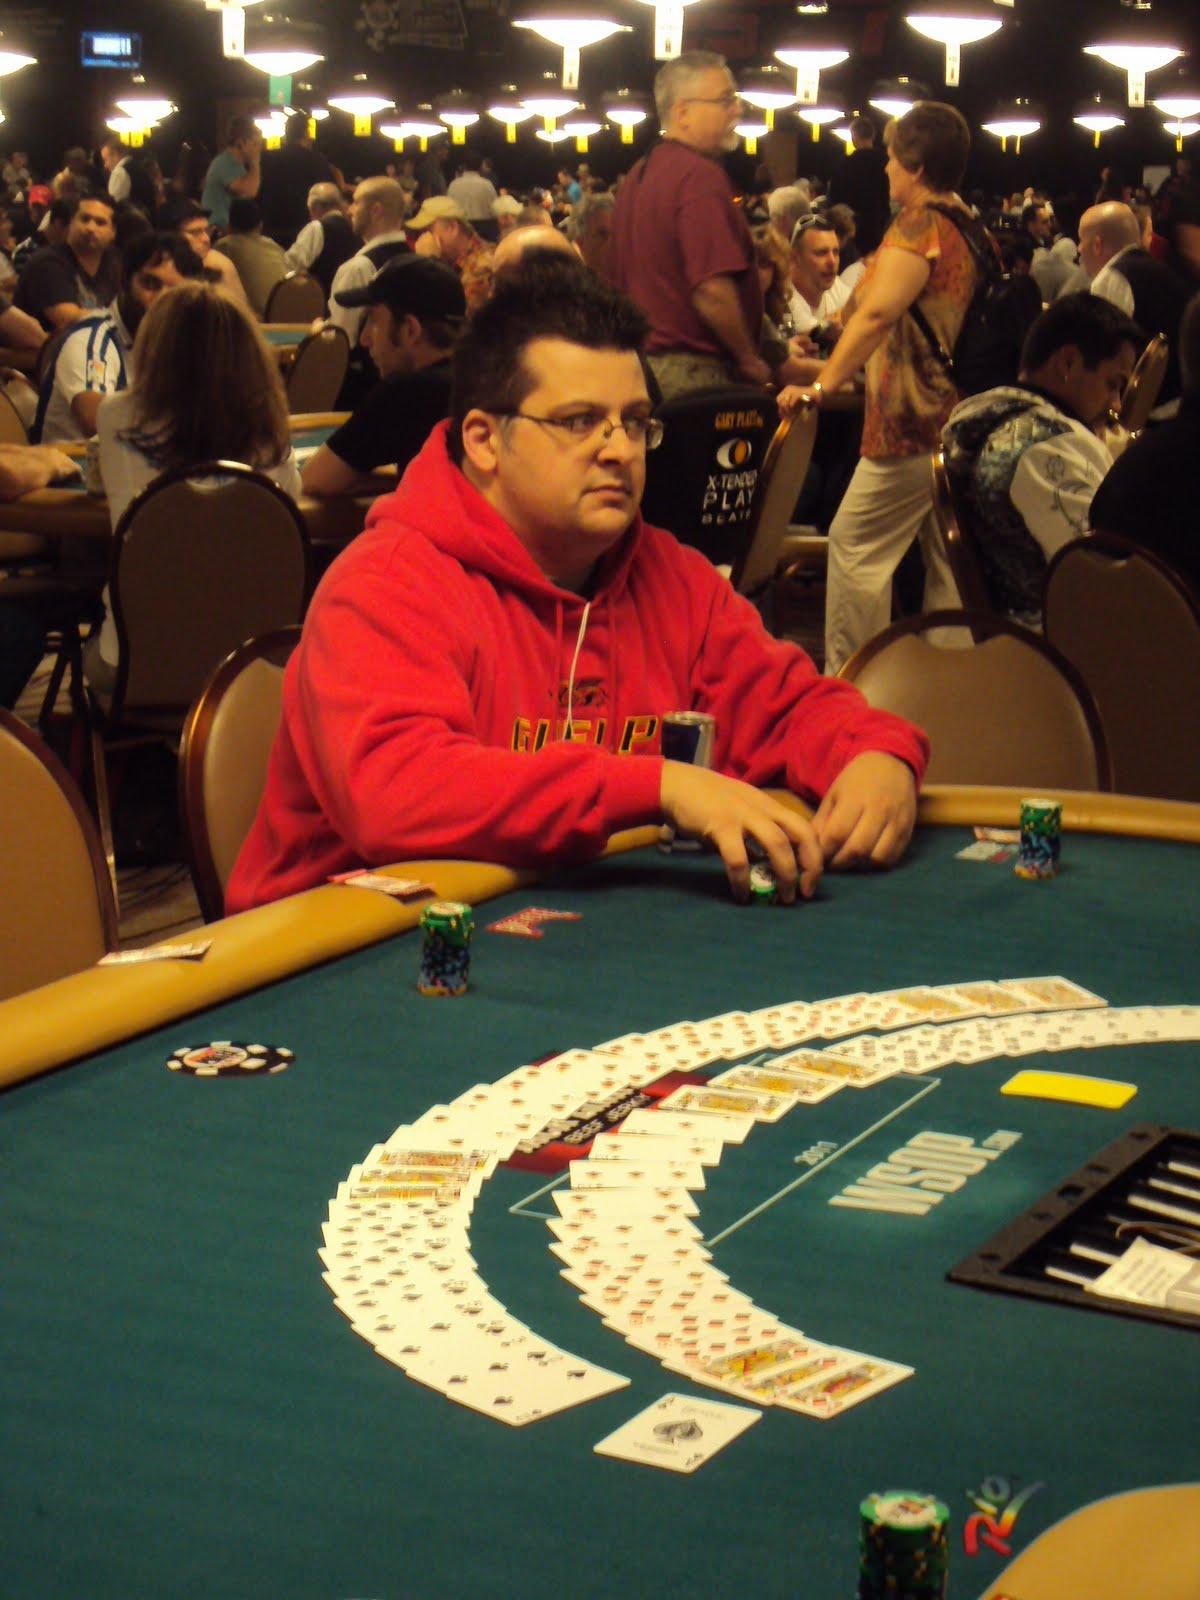 brantford casino poker tournaments 2019